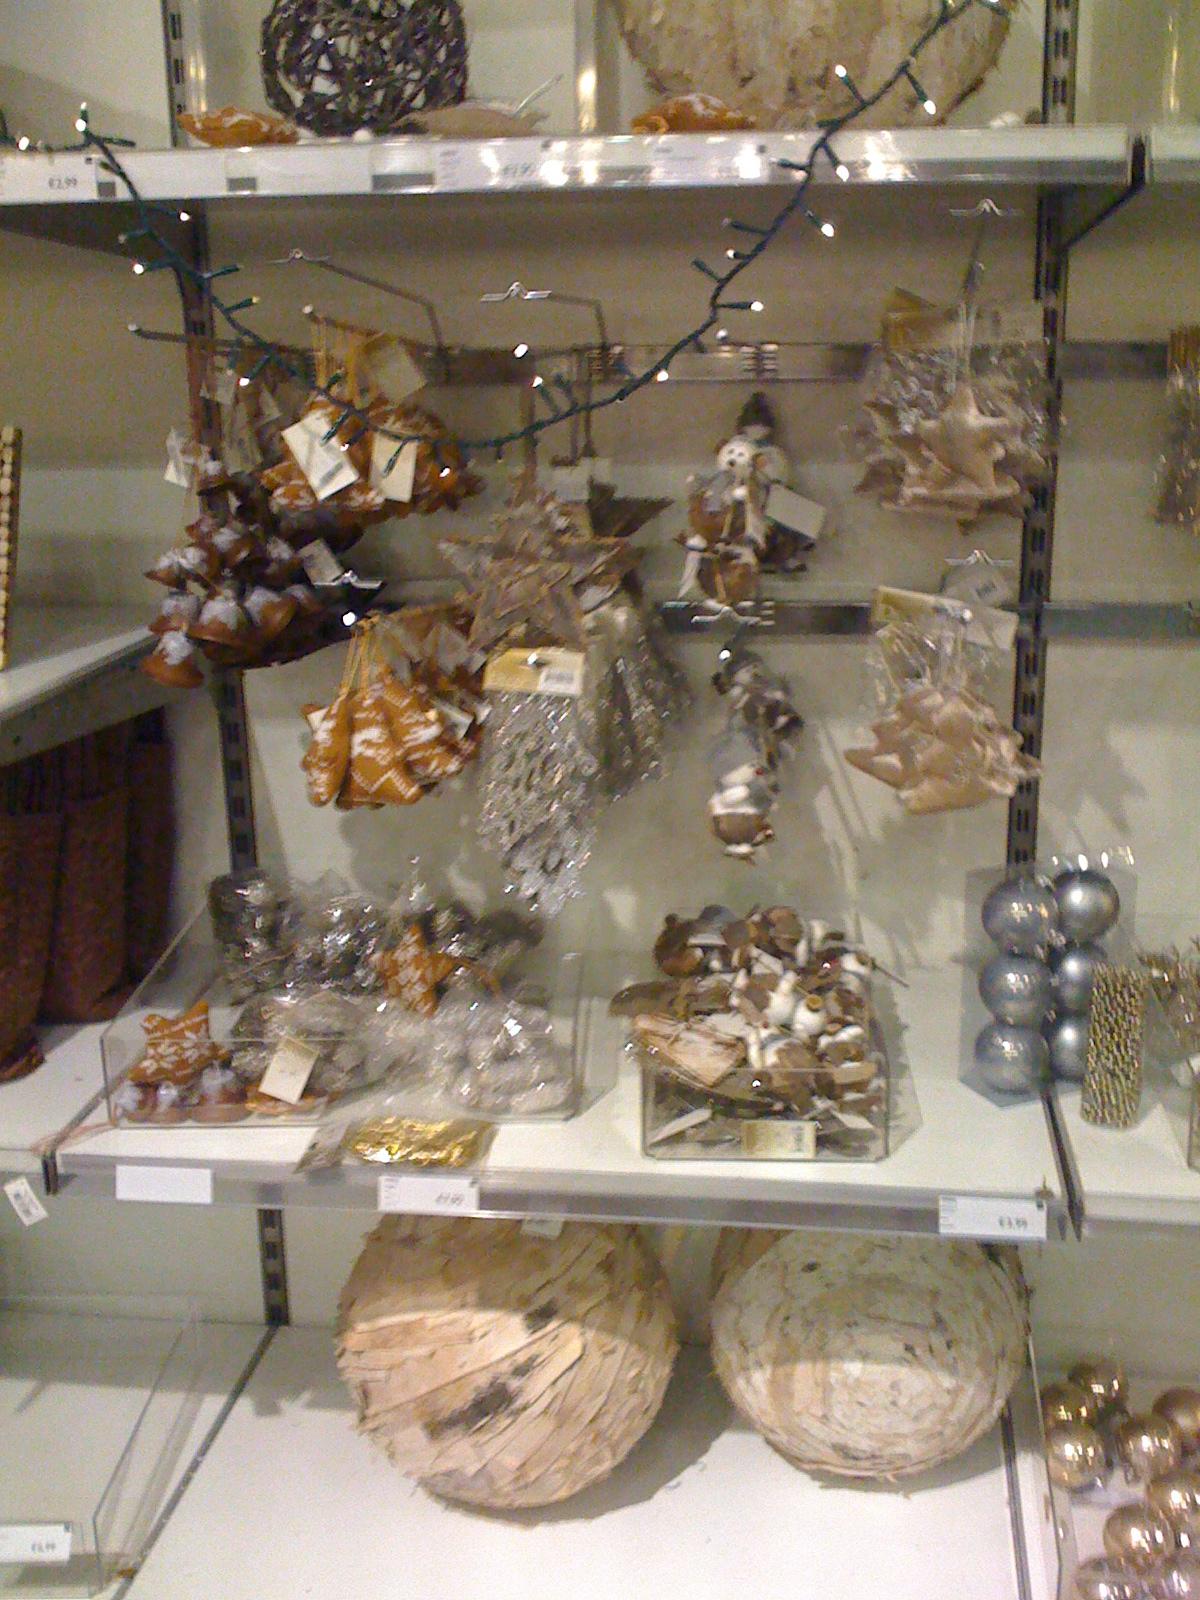 Famoso Ovvio Natale 2010: Addobbi e decorazioni natalizie | Archistyle SJ03